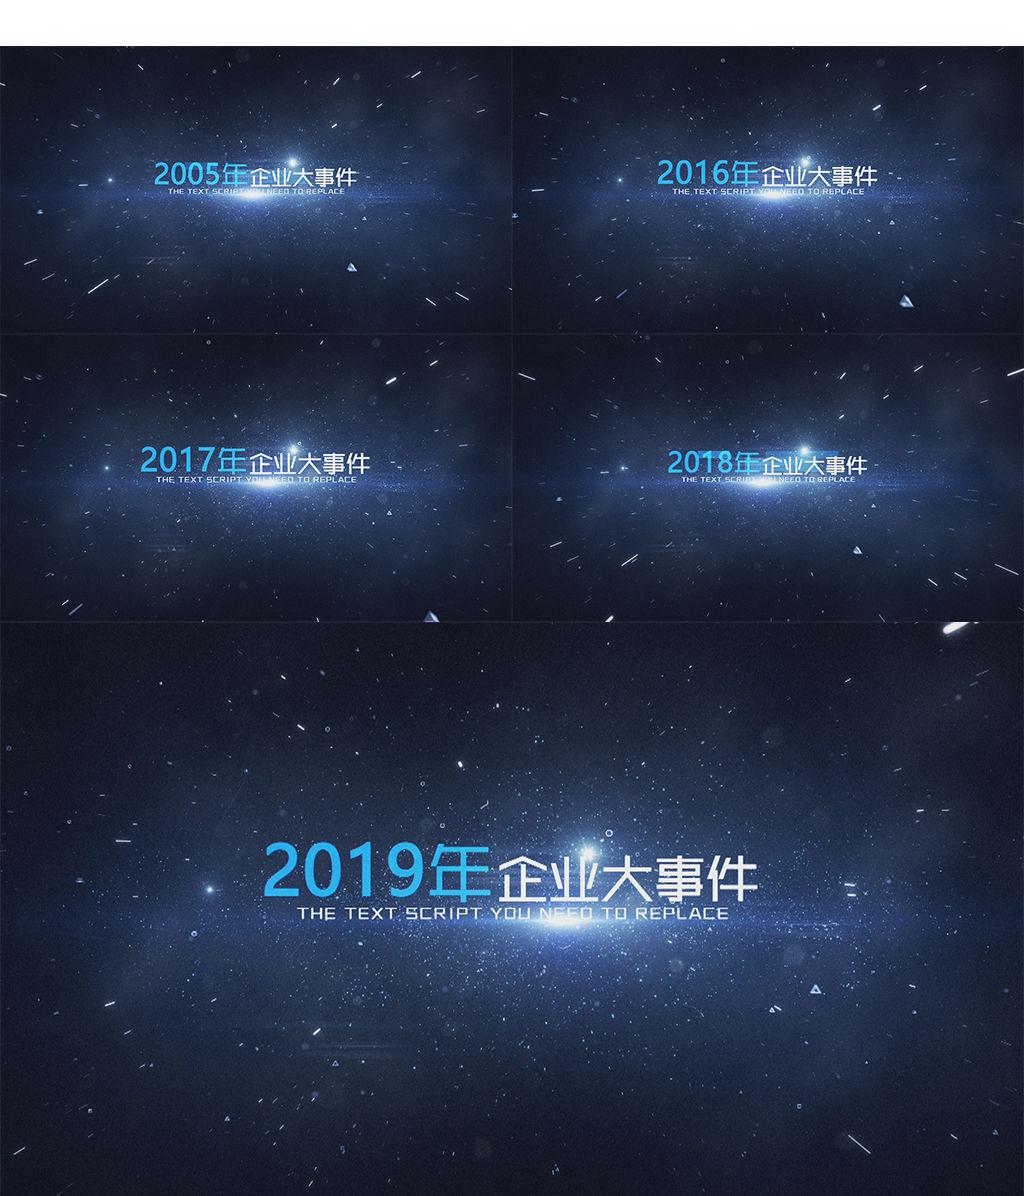 粒子星空穿梭时间轴文字标题展示ae模板